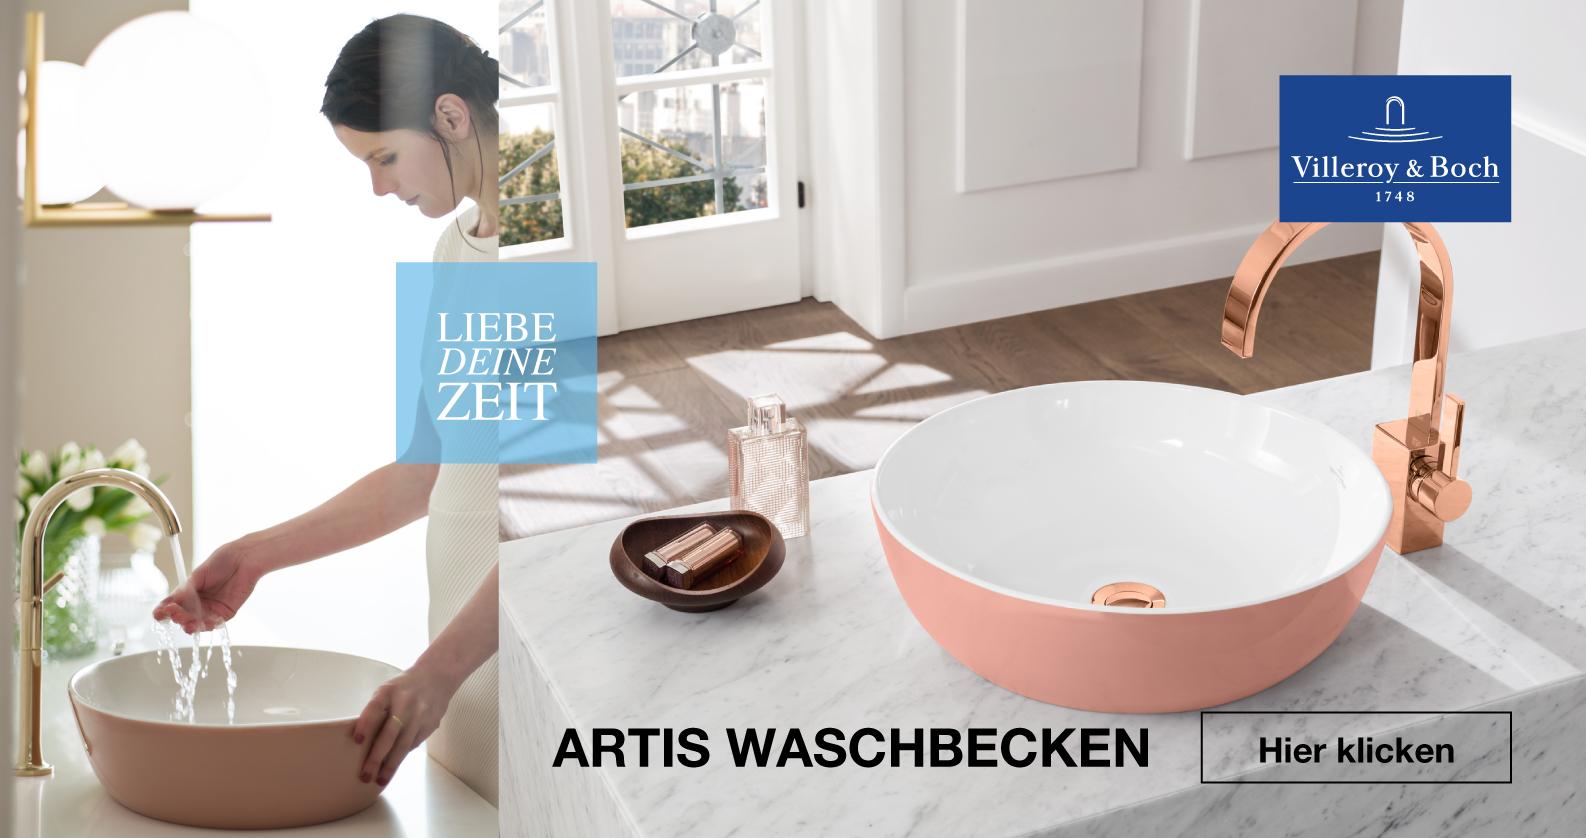 Villeroy & Boch Artis Waschbecken